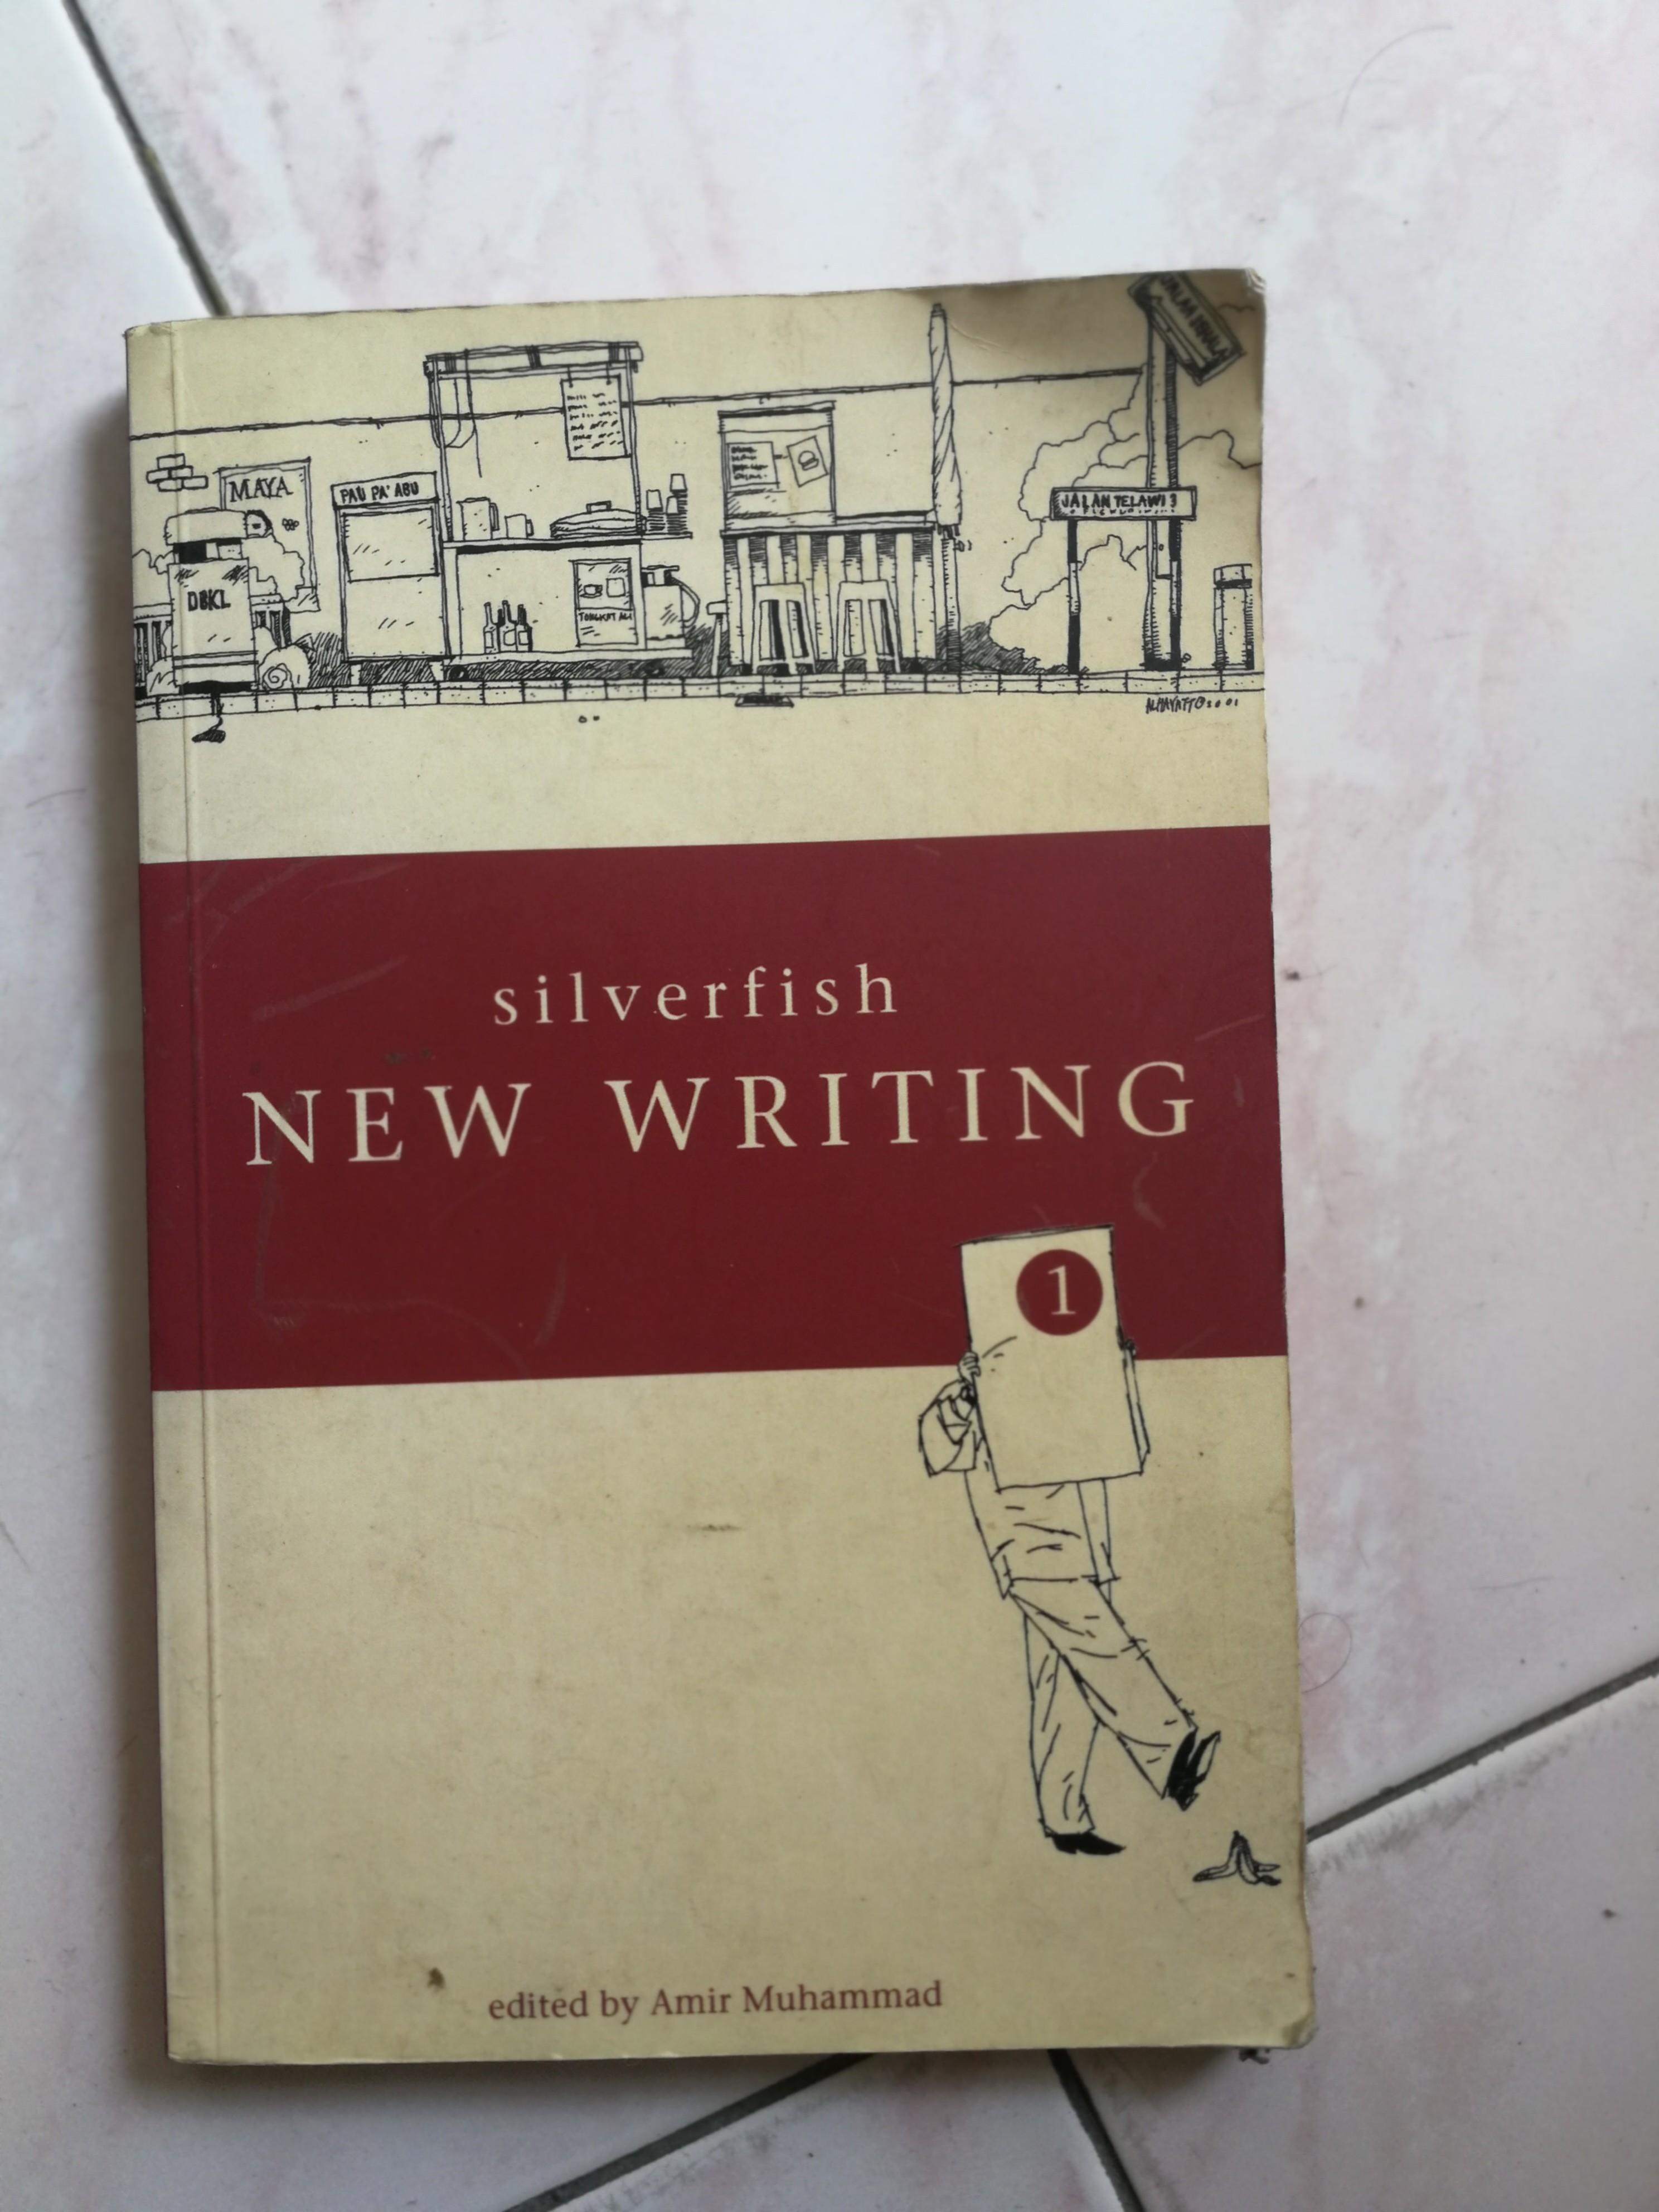 Silverfish New Writing 1 (edited by Amir Muhammad)